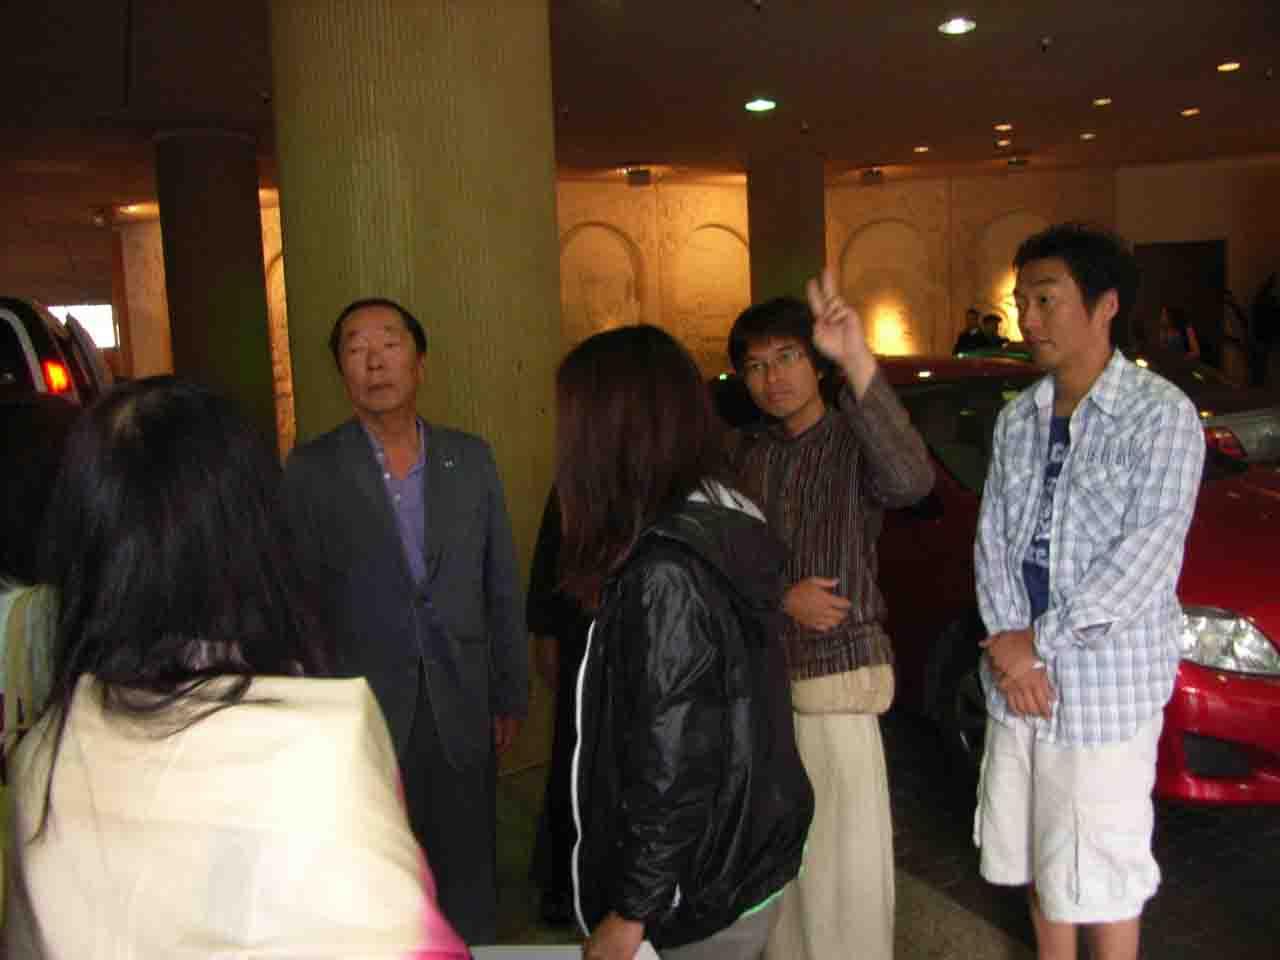 アッシュランド&マウントシャスターツアー報告その②_b0153156_21463875.jpg